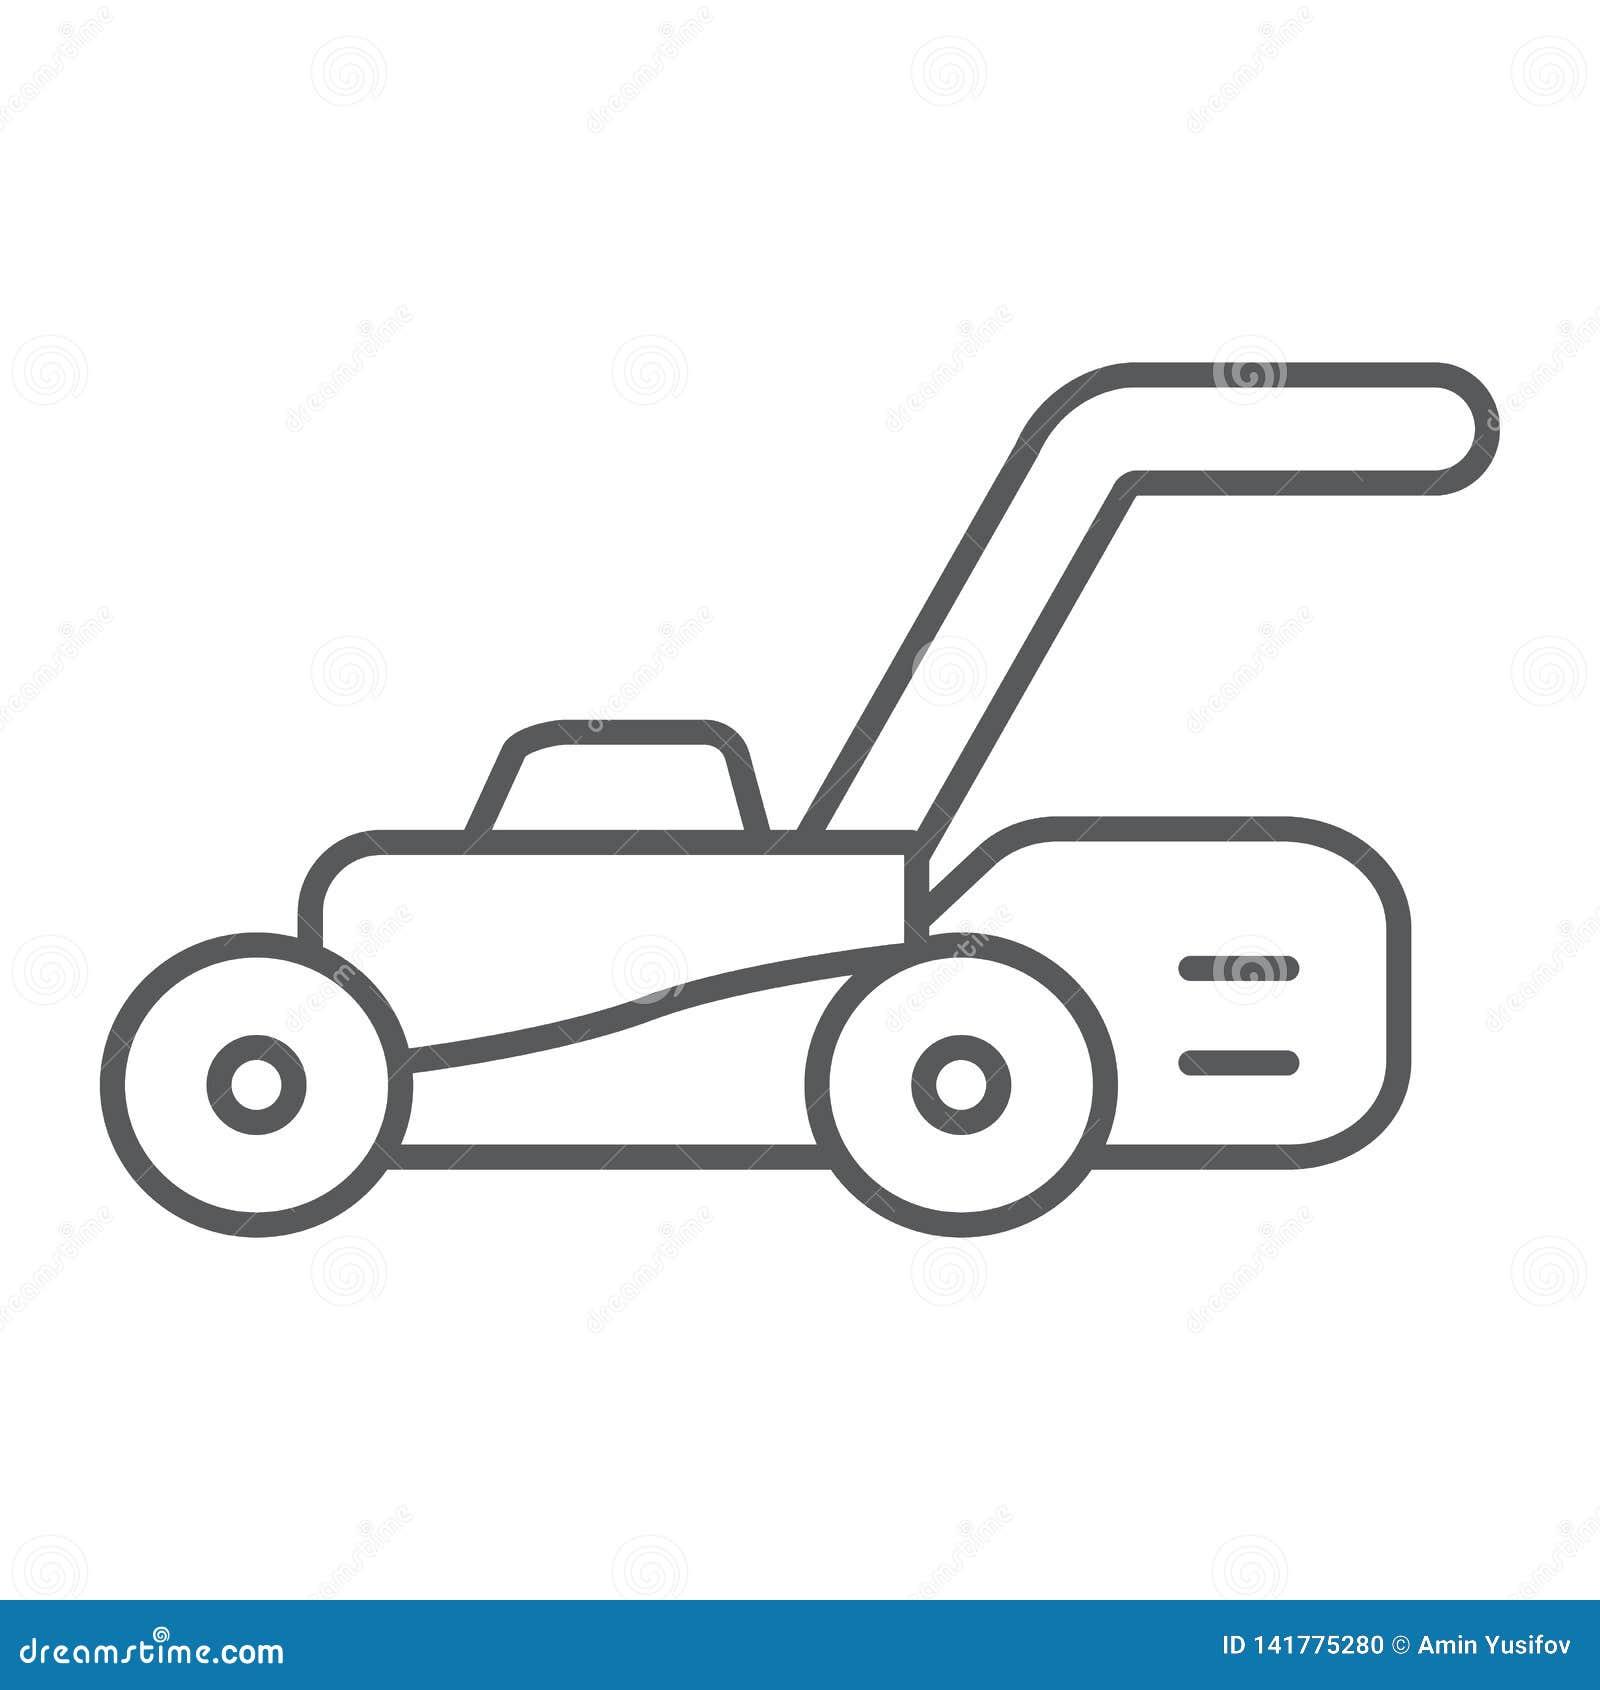 Gazon wnioskodawcy cienka kreskowa ikona, wyposażenie i ogród, krajacza znak, wektorowe grafika, liniowy wzór na białym tle